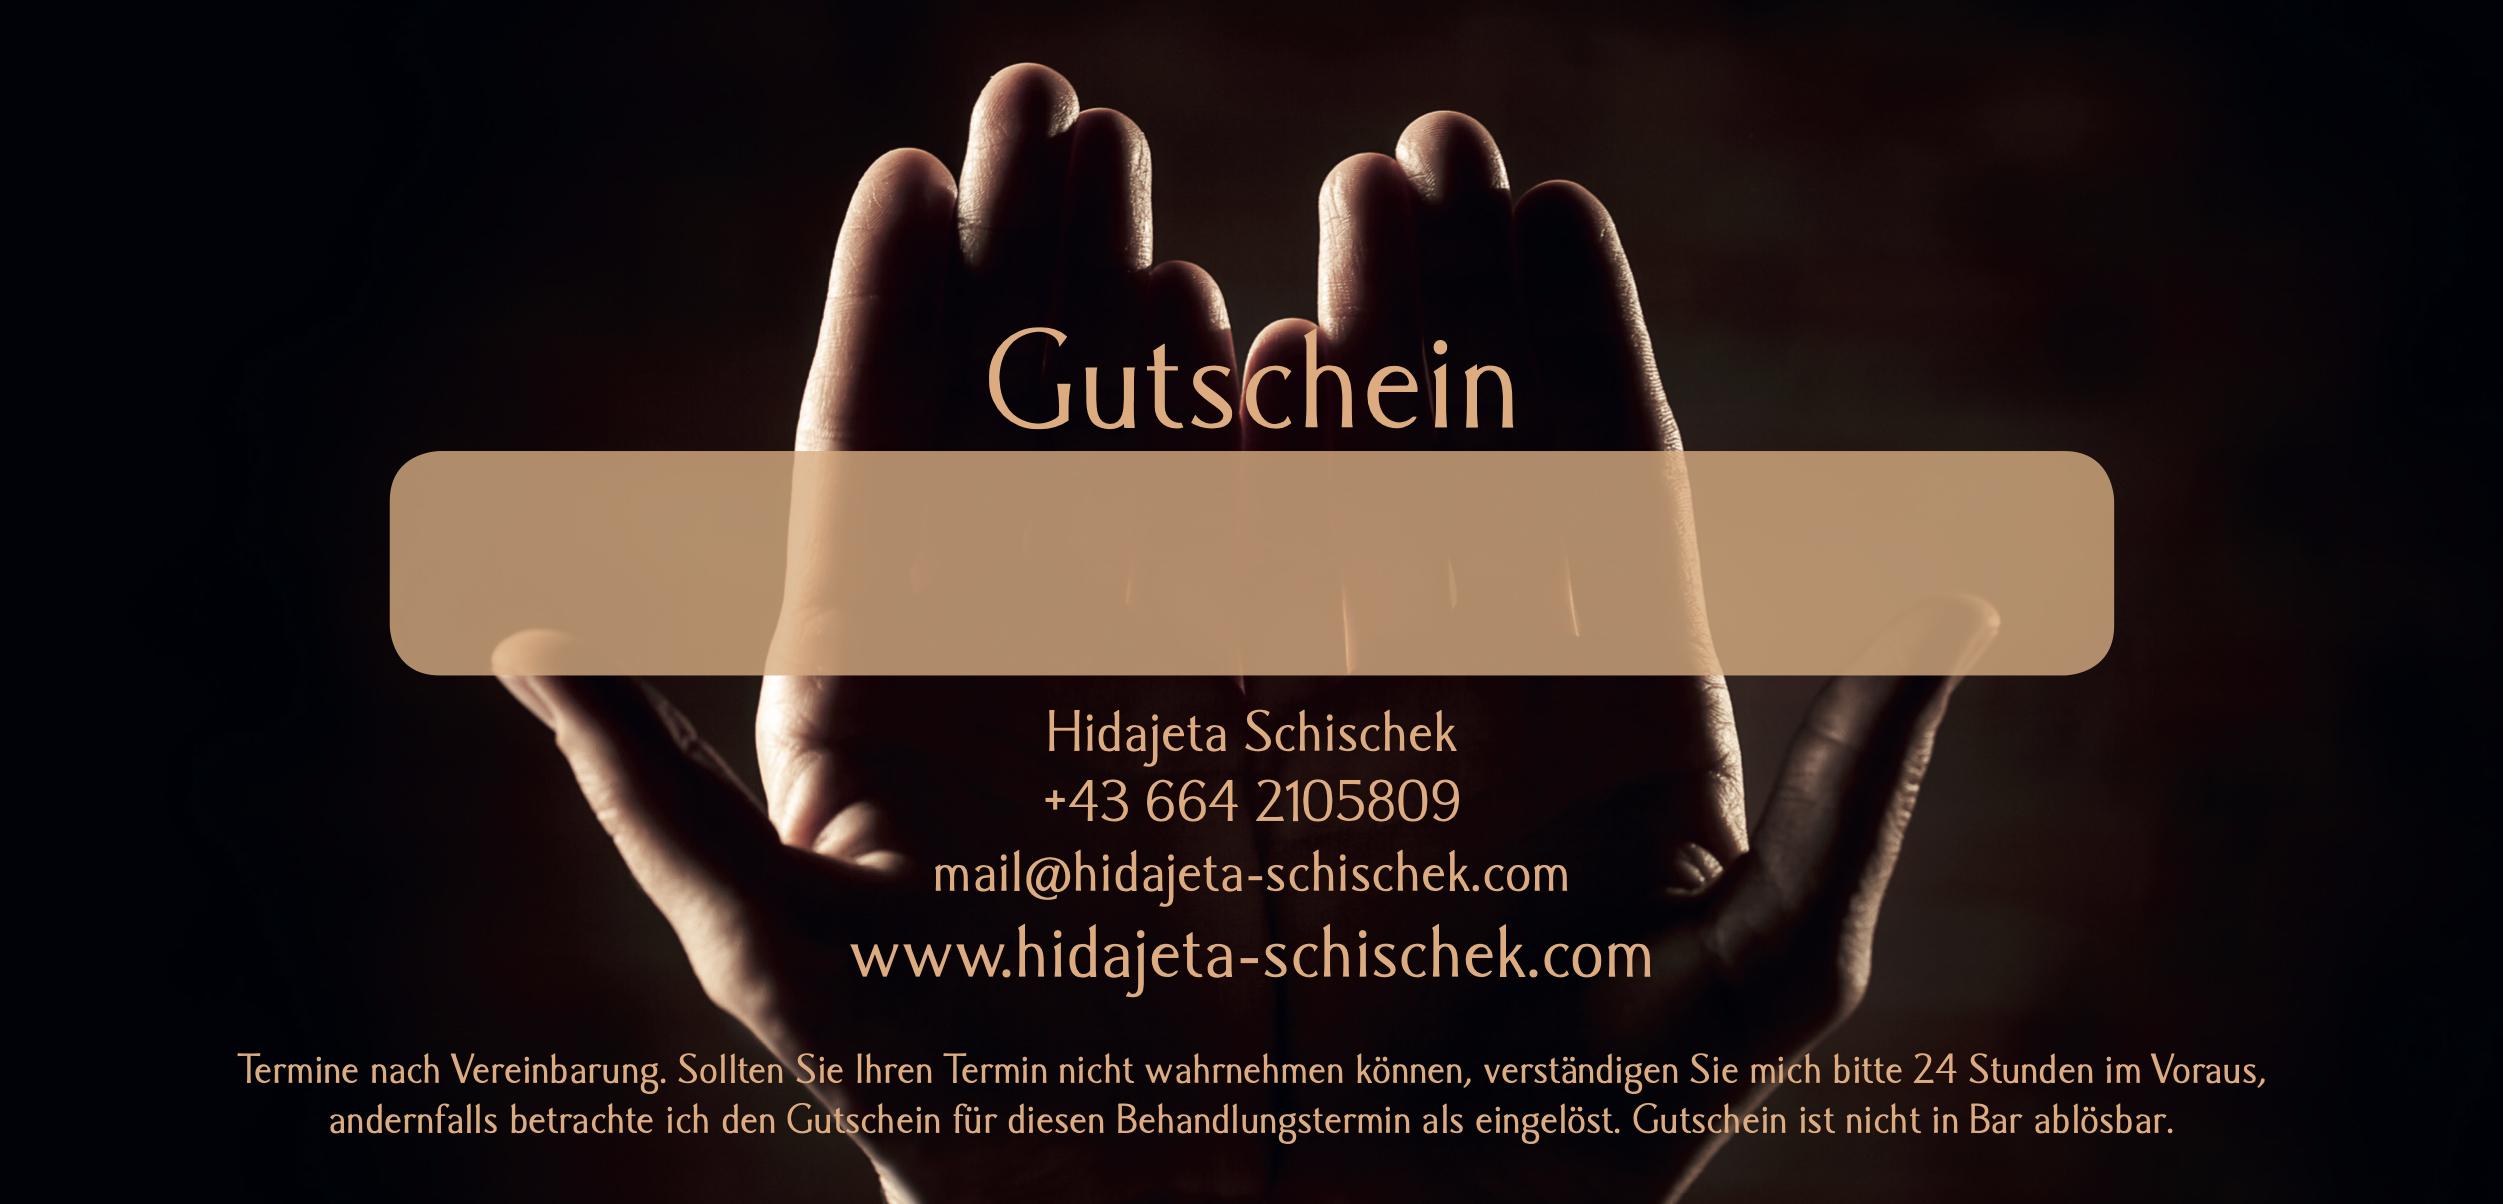 Gutschein_DRUCK_Hinten